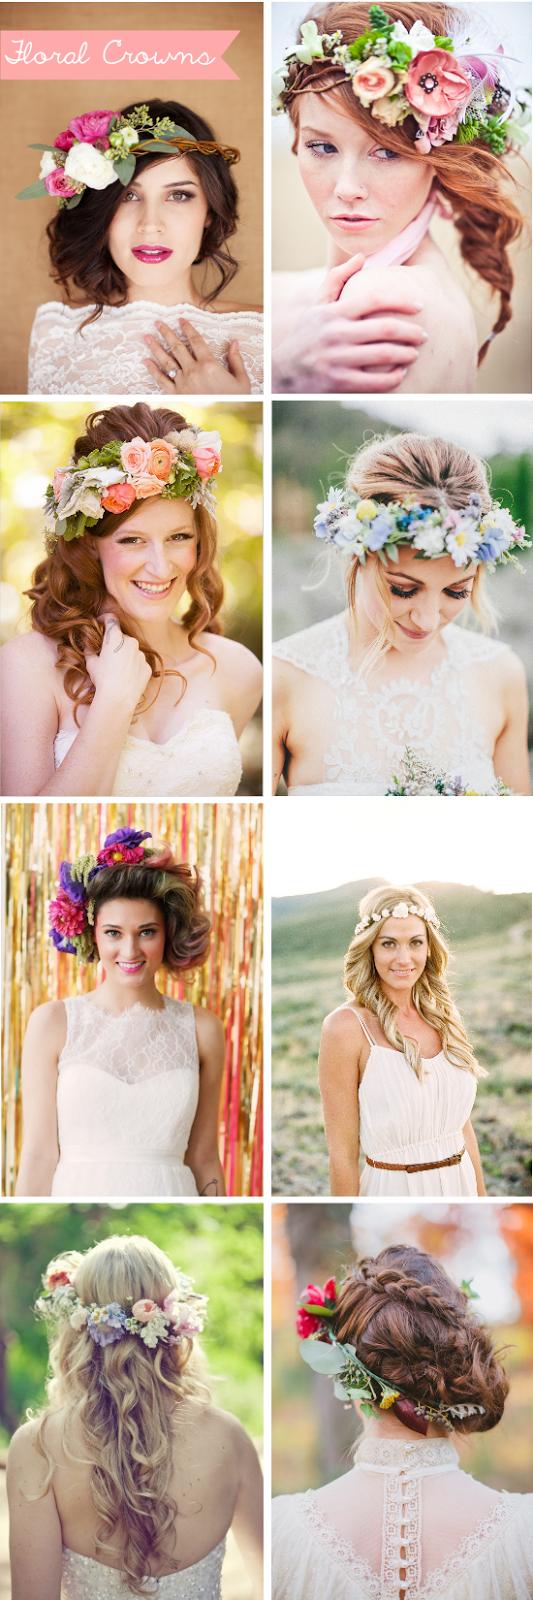 Floral crowns, coroncine di fiori, acconciature per la sposa